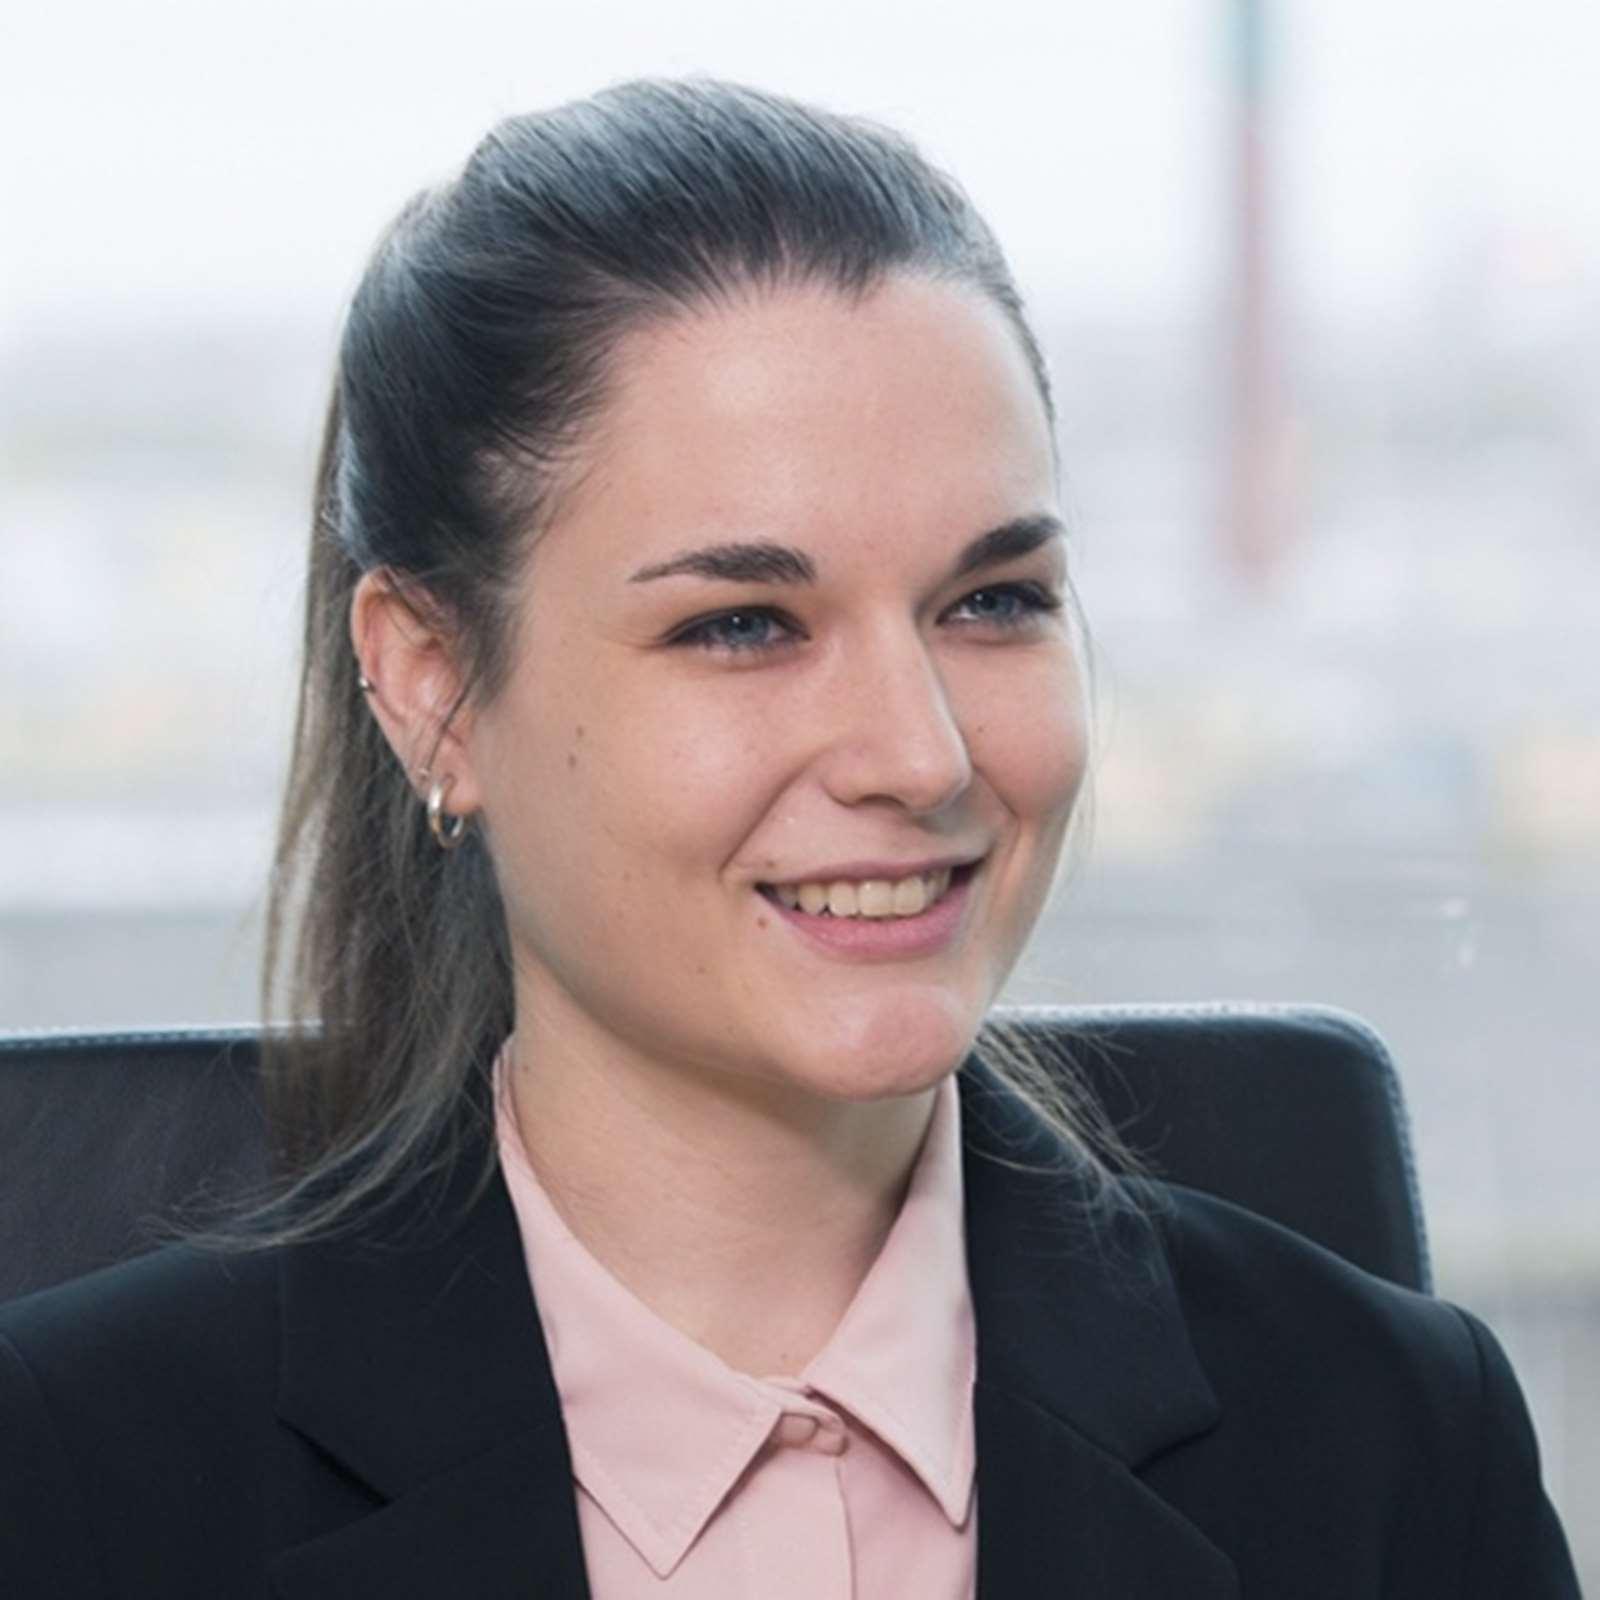 Gemma Barkhuizen